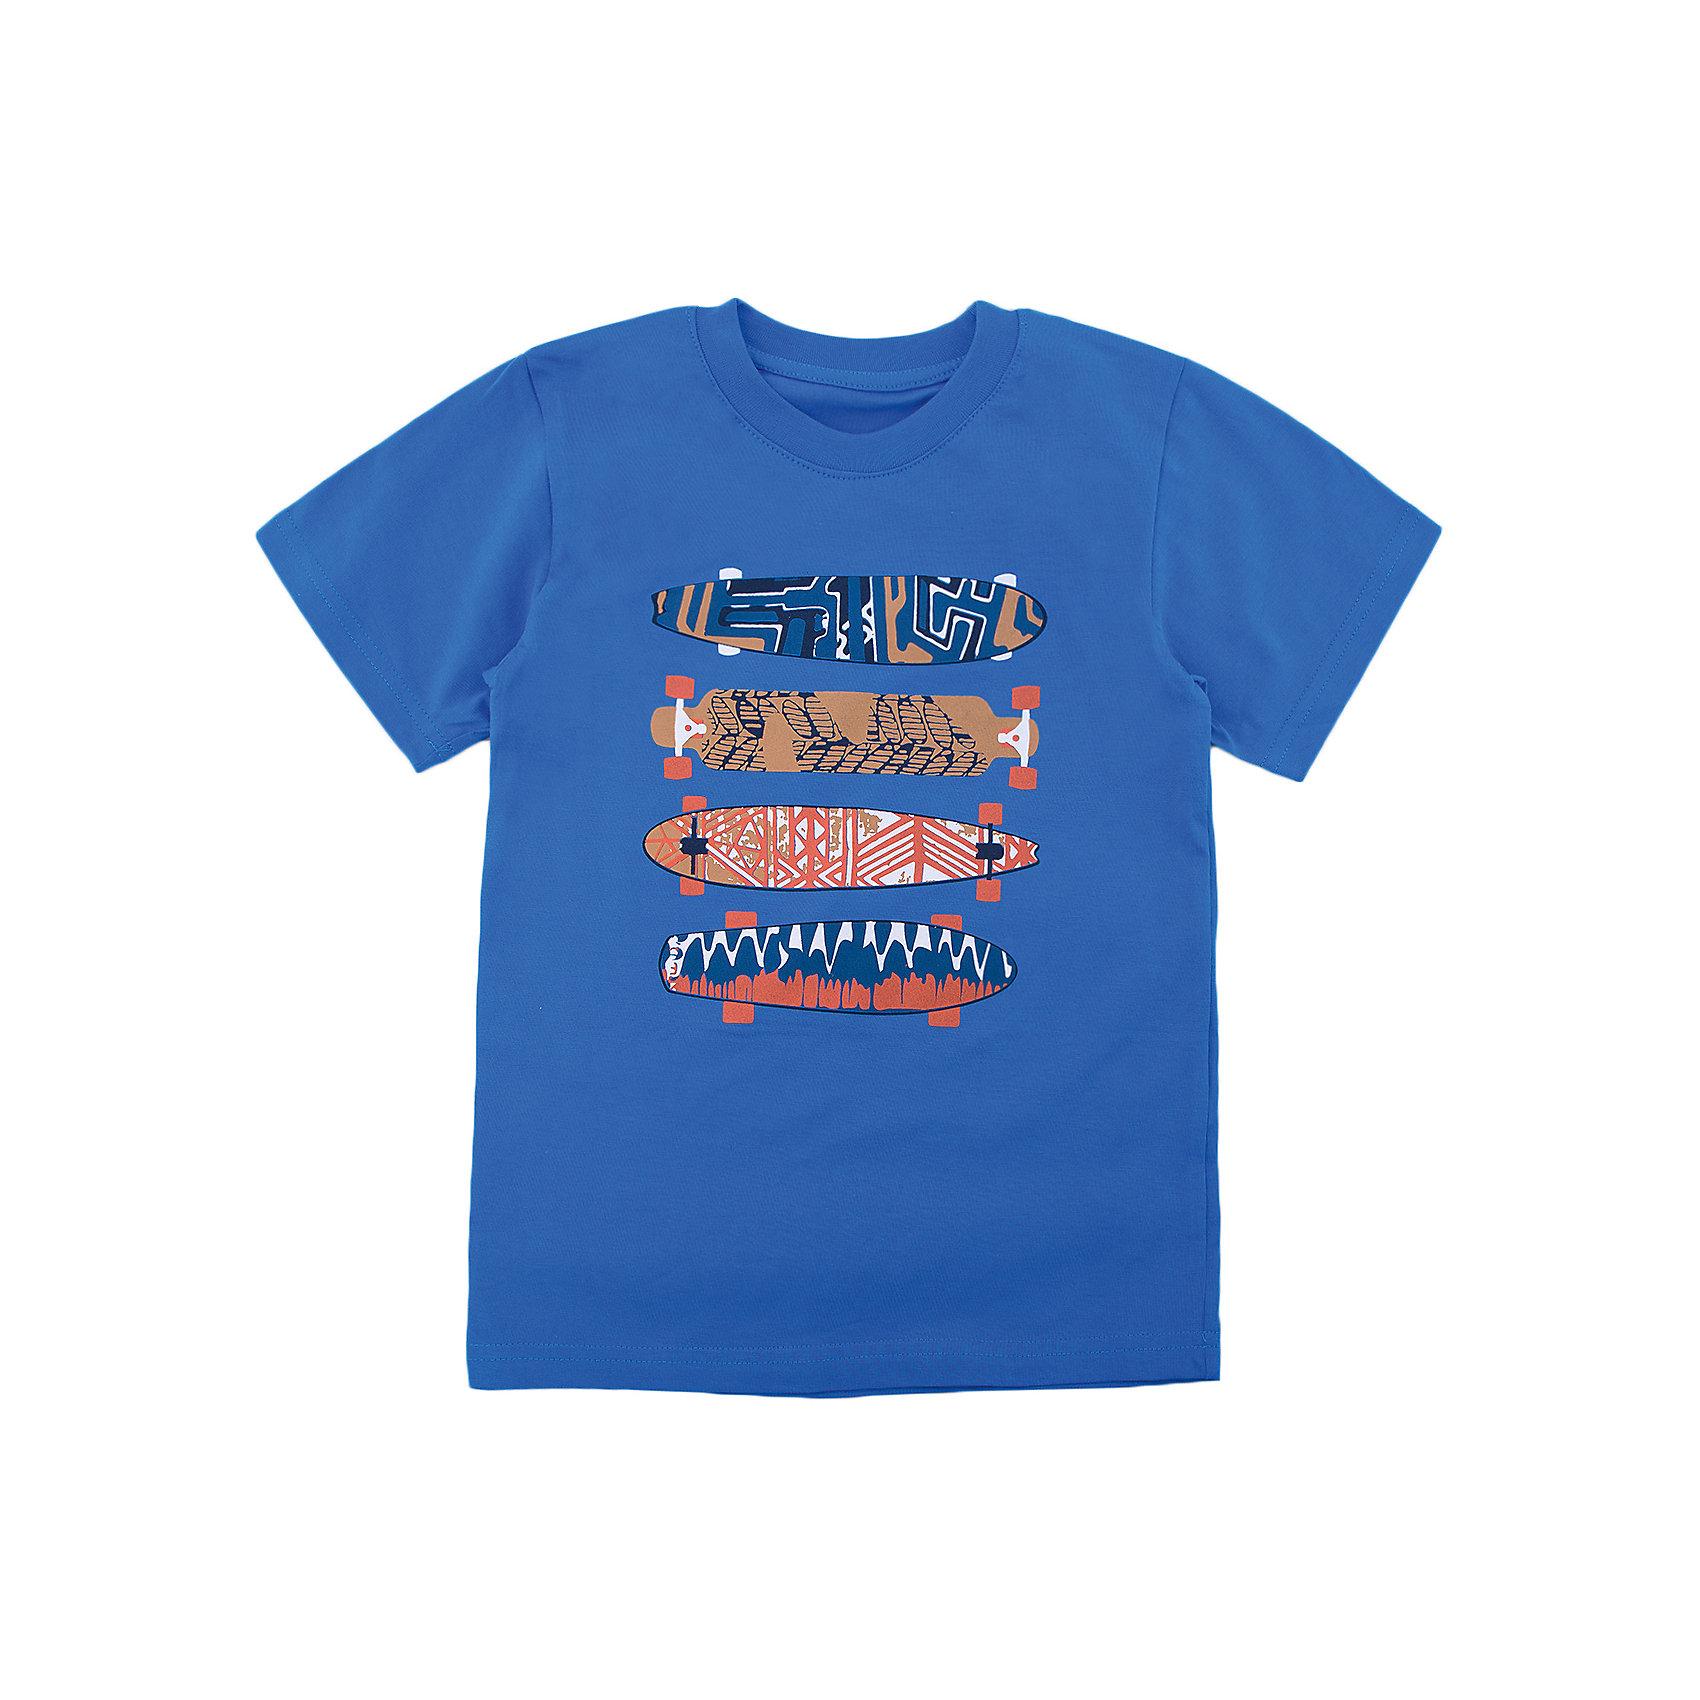 Футболка для мальчика WOWФутболки, поло и топы<br>Футболка для мальчика WOW<br>Незаменимой вещью в  гардеробе послужит футболка с коротким рукавом. Стильная и в тоже время комфортная модель, с яркой оригинальной печатью, будет превосходно смотреться на ребенке.<br>Состав:<br>кулирная гладь 100% хлопок<br><br>Ширина мм: 199<br>Глубина мм: 10<br>Высота мм: 161<br>Вес г: 151<br>Цвет: синий<br>Возраст от месяцев: 144<br>Возраст до месяцев: 156<br>Пол: Мужской<br>Возраст: Детский<br>Размер: 158,164,128,134,140,146,152<br>SKU: 6871715